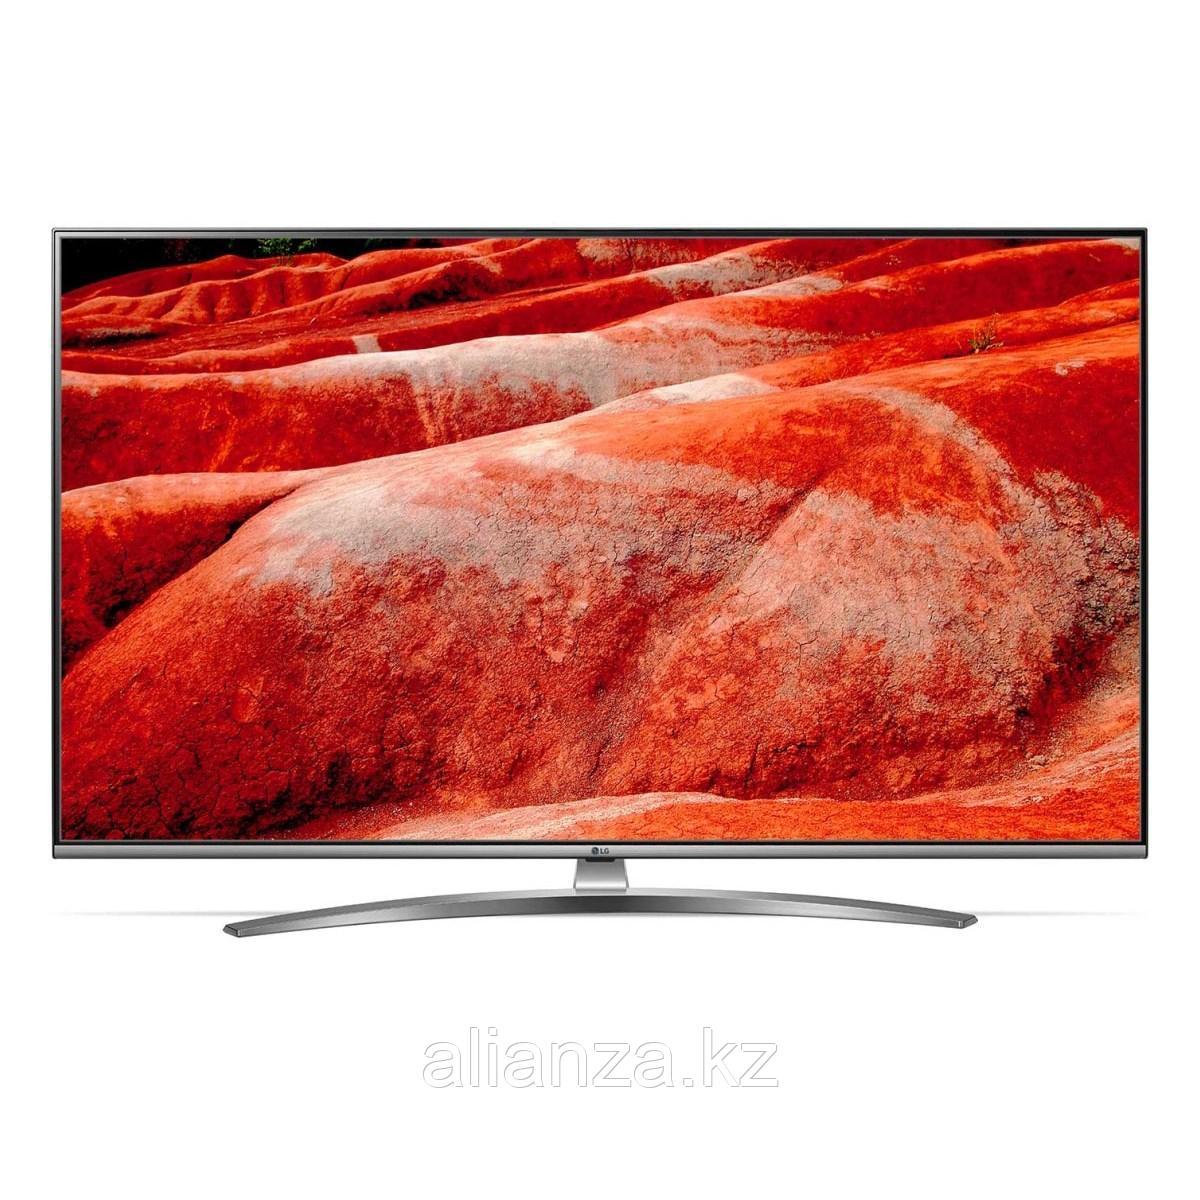 LED телевизор LG 65UM7610